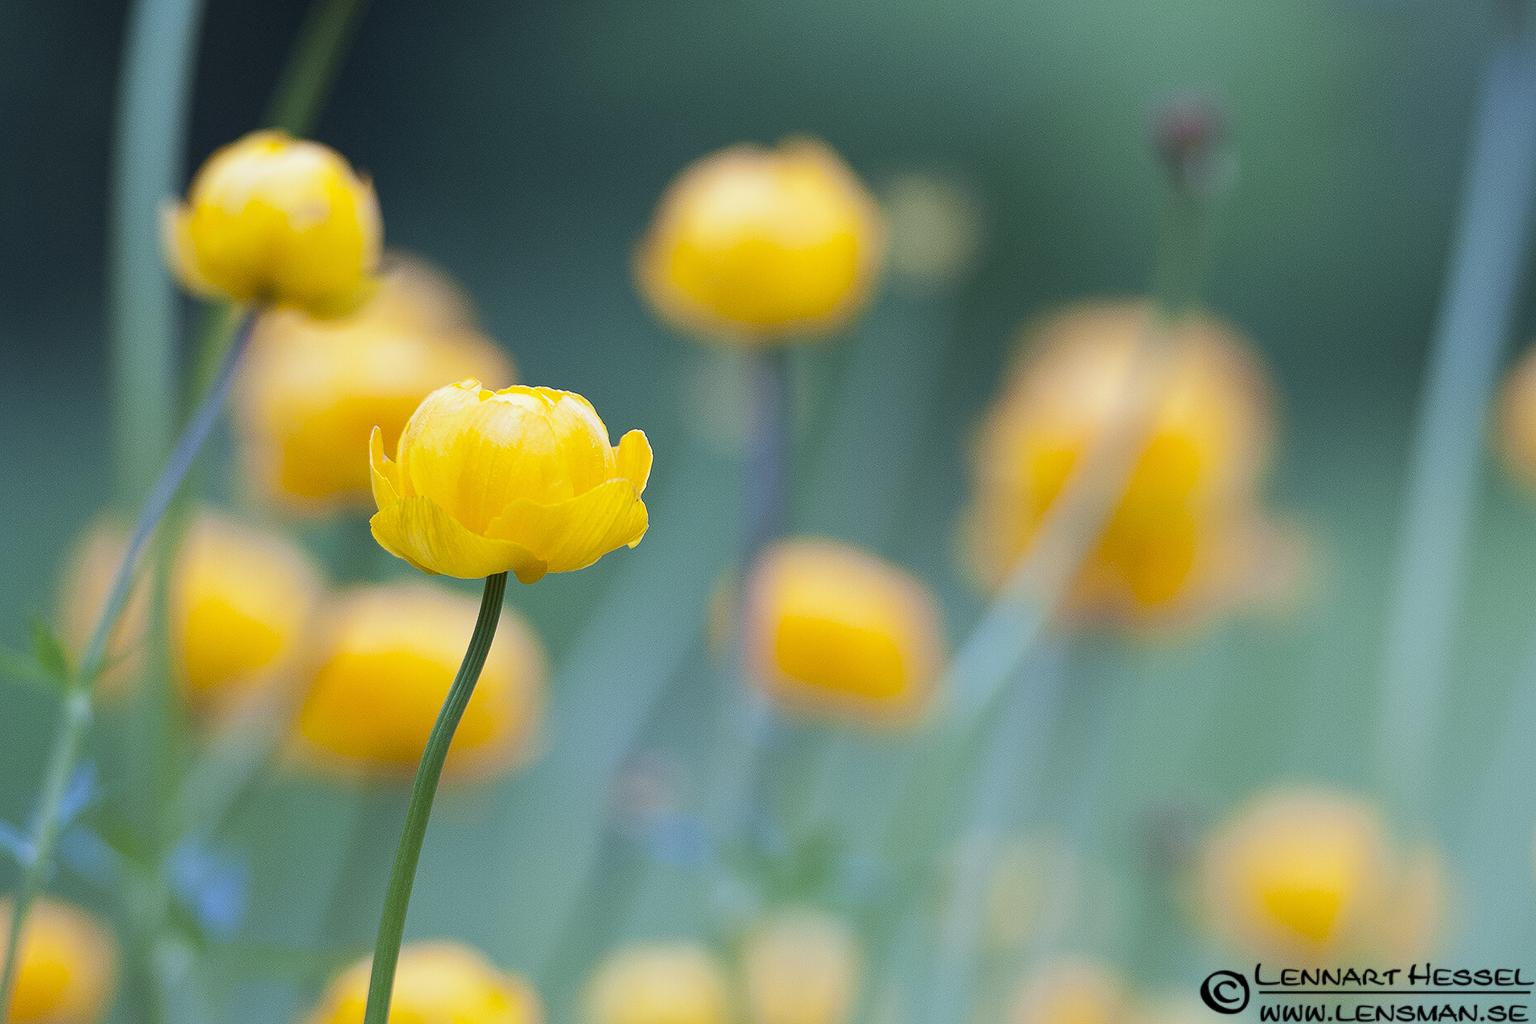 Yellow flowers at Nossebro